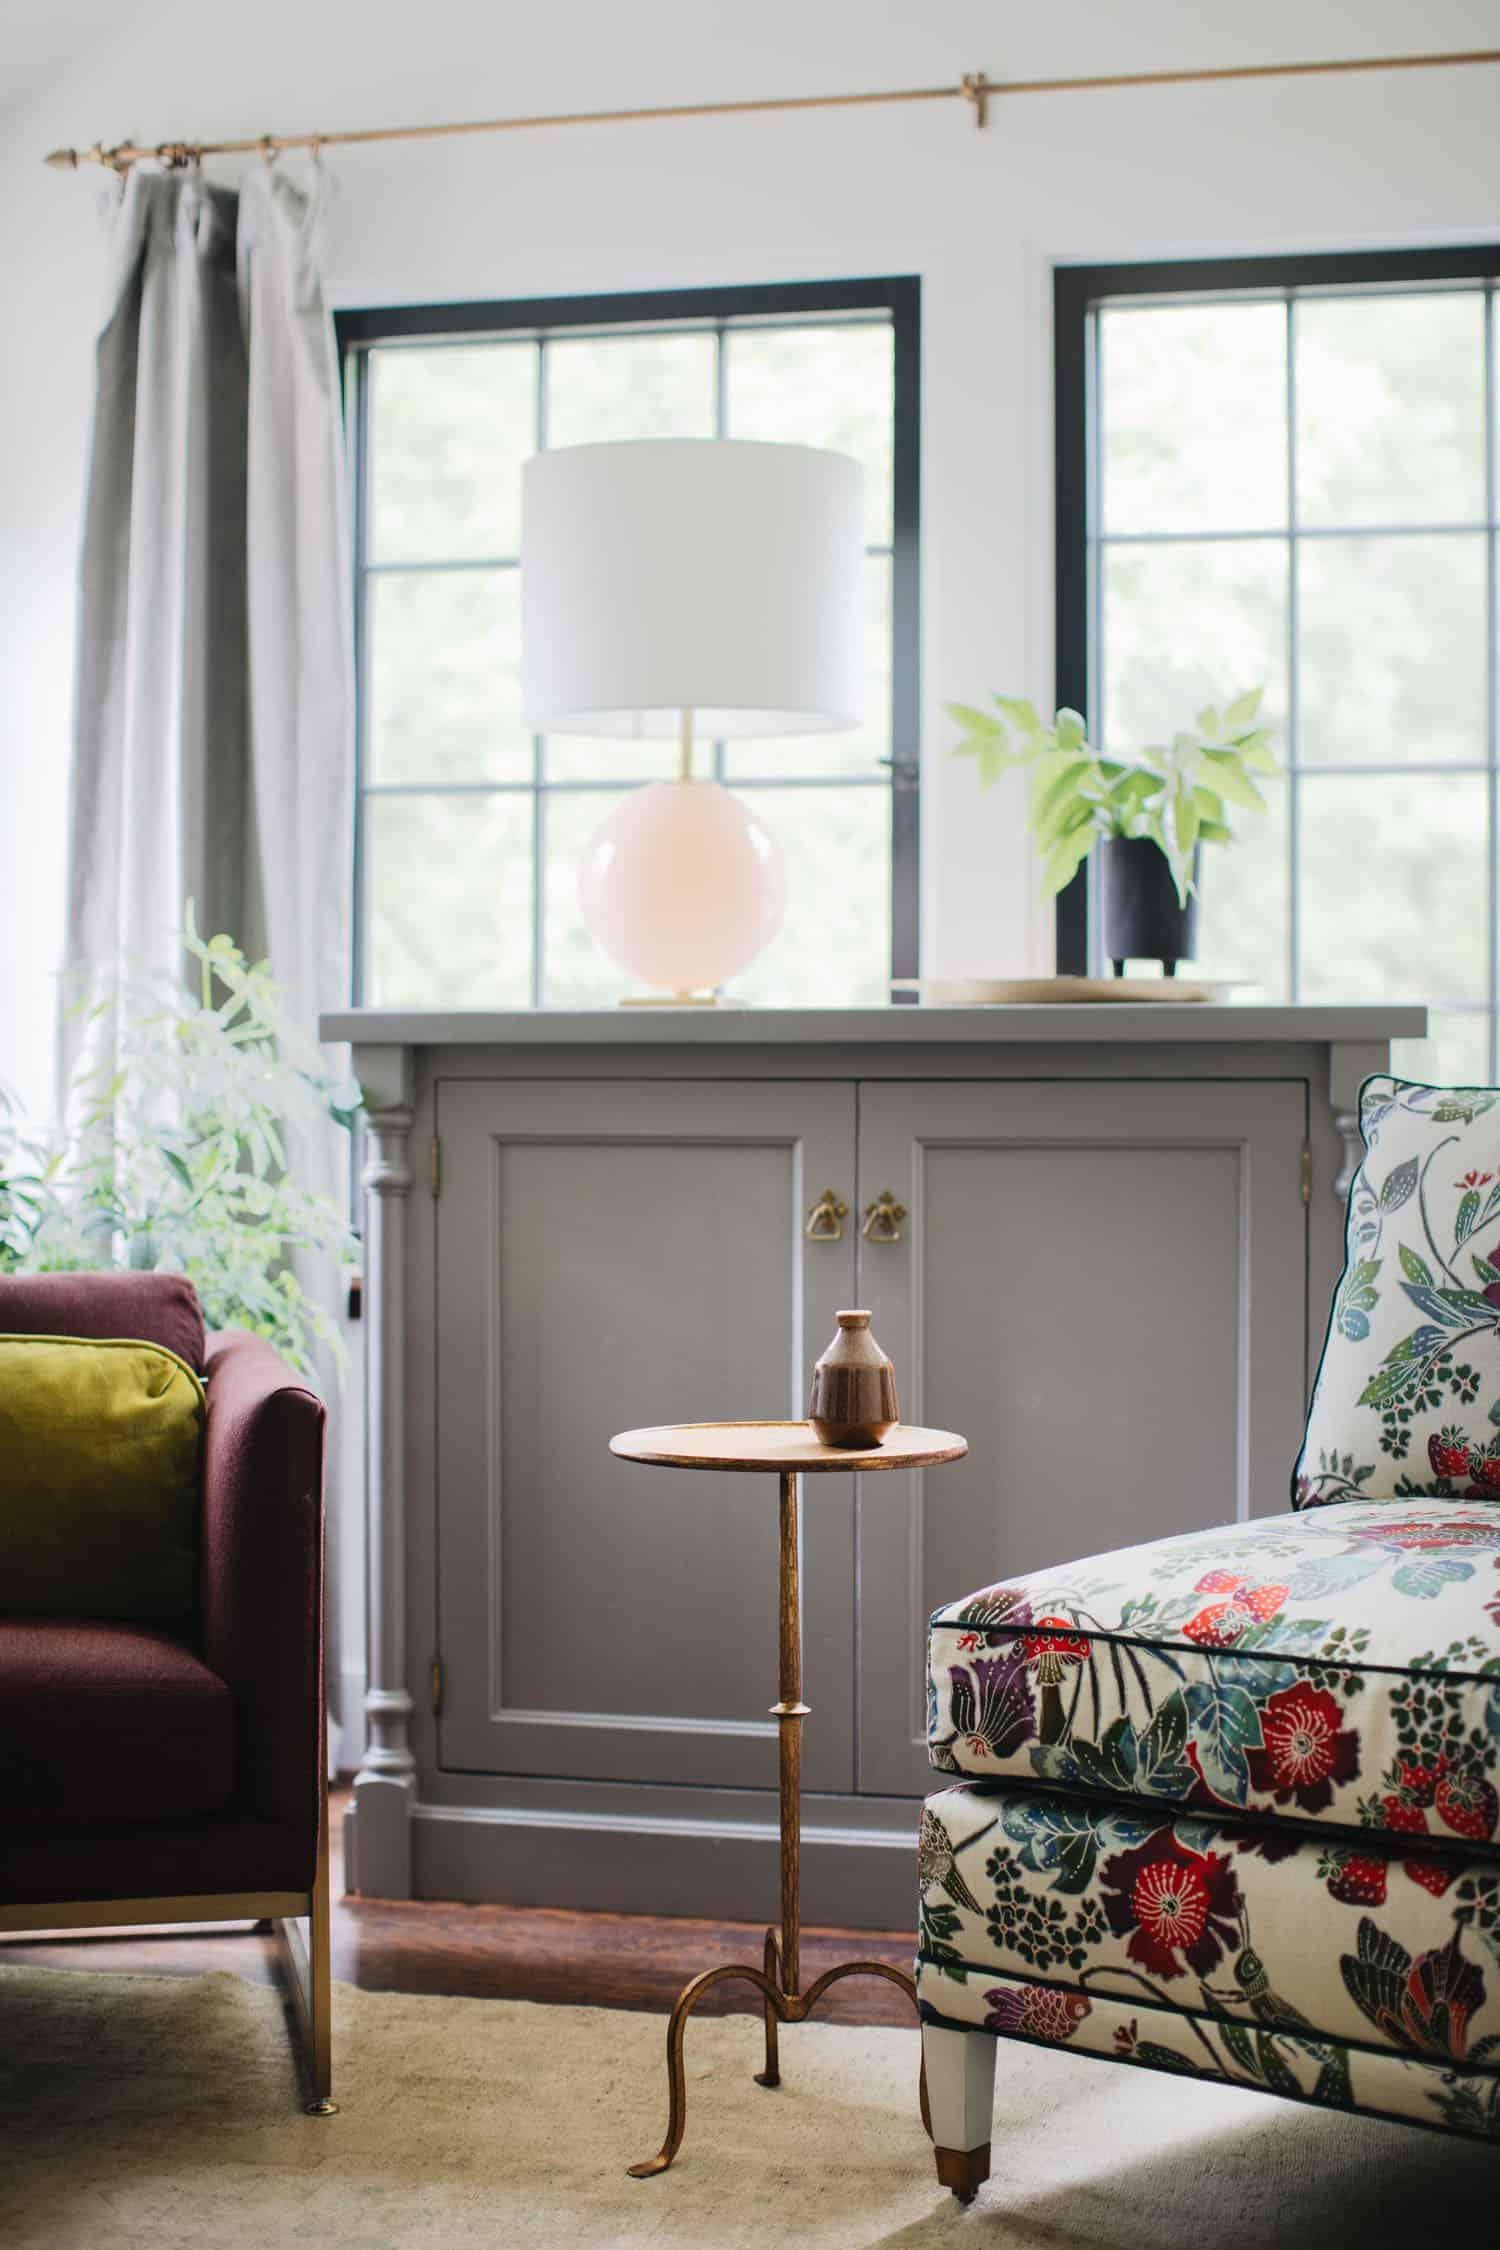 dnevna soba u tradicionalnom stilu